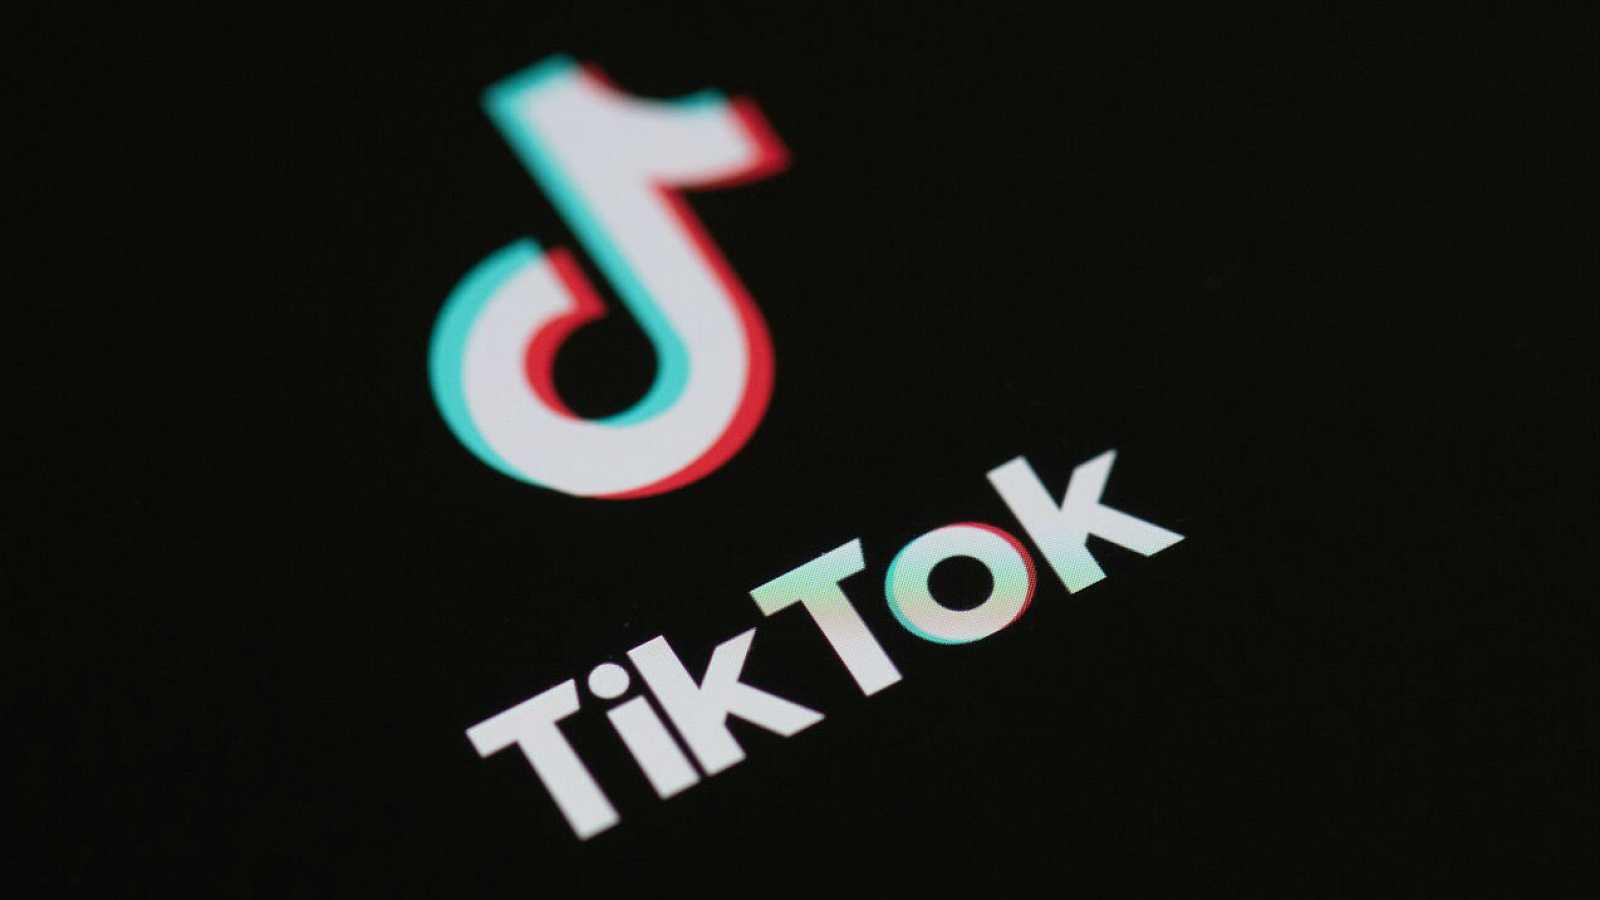 Logotipo de la aplicación de red social TikTok en la pantalla de un teléfono.